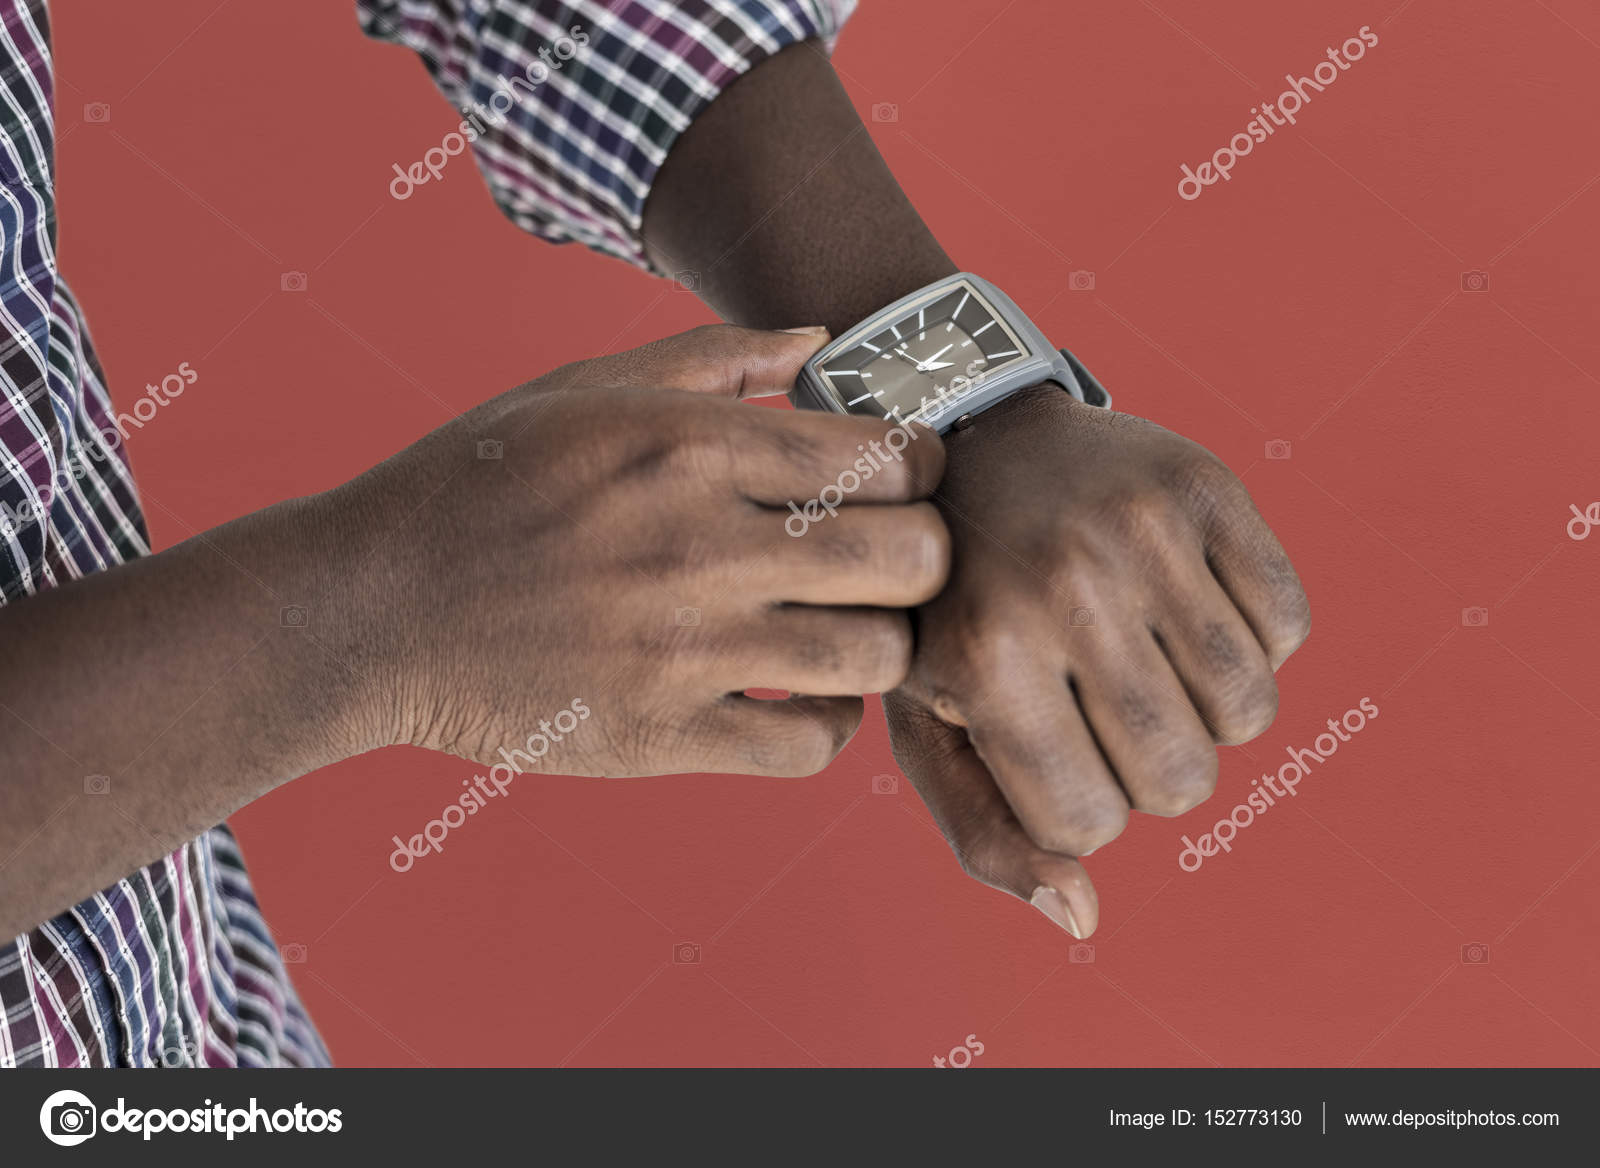 hombre manos ajuste reloj de mano — Foto de stock © Rawpixel